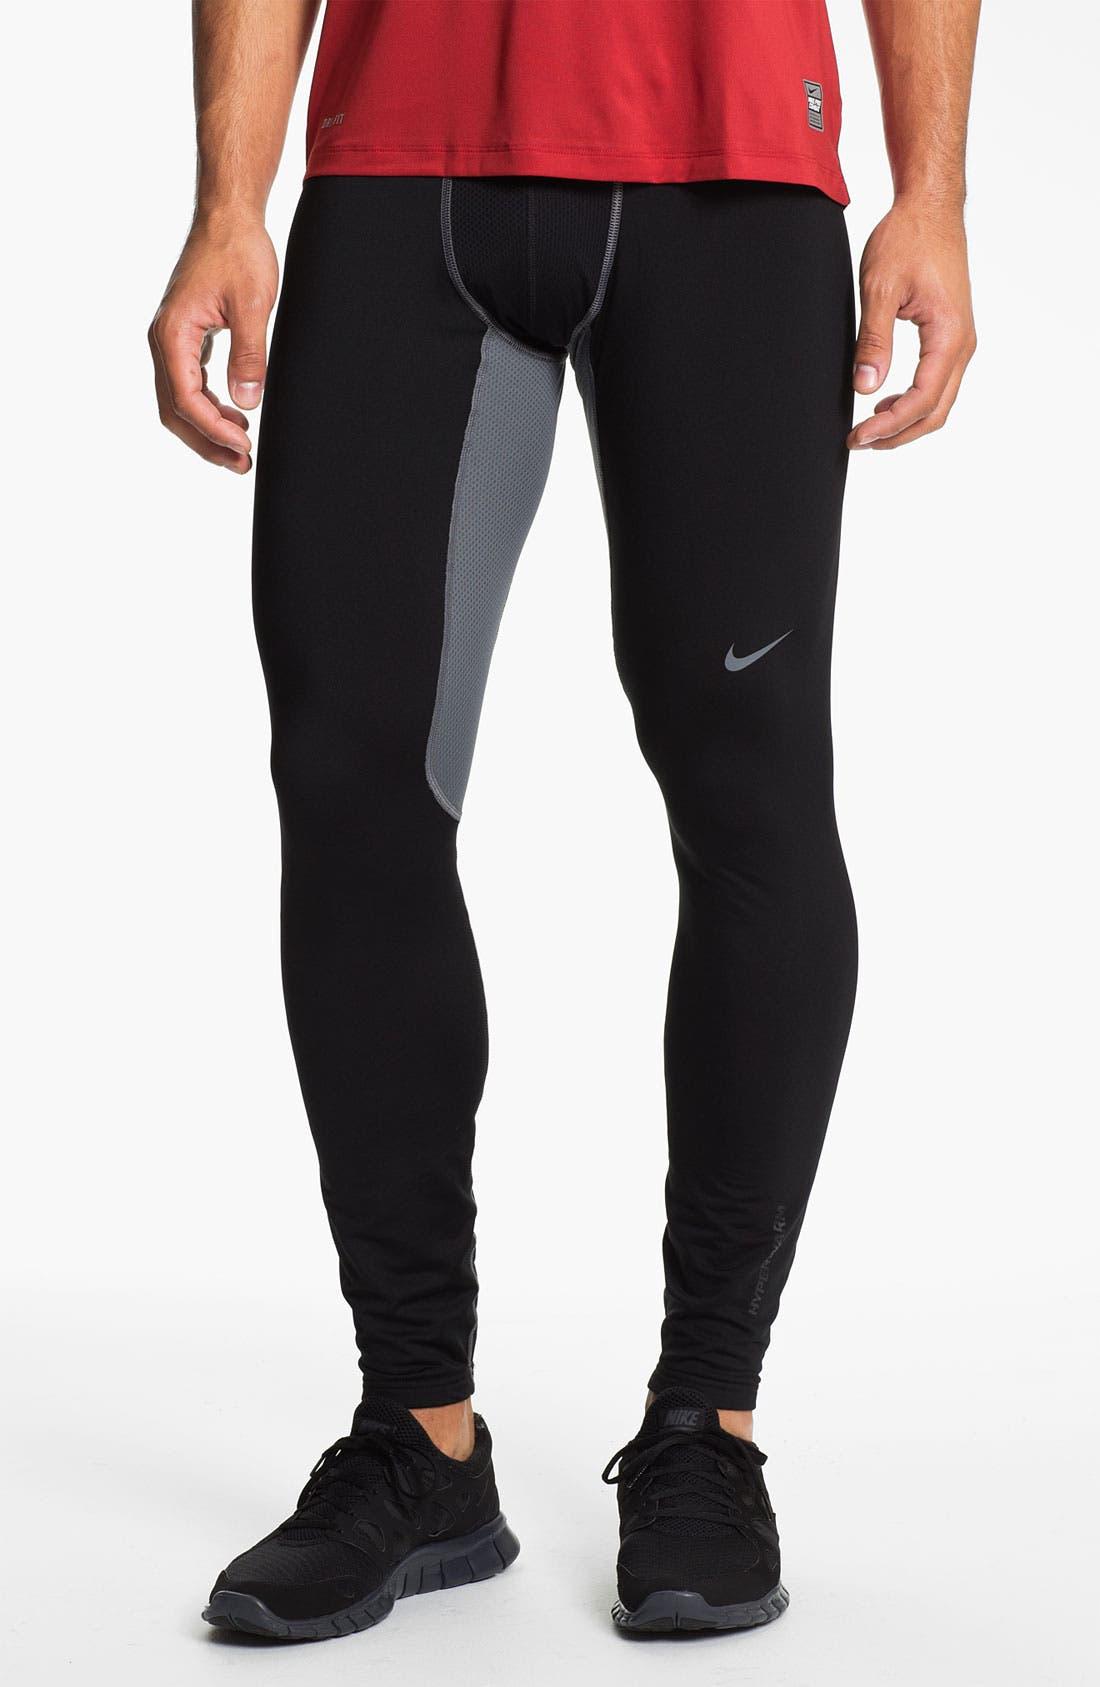 Alternate Image 1 Selected - Nike 'Hyperwarm' Dri-FIT Running Leggings (Online Exclusive)